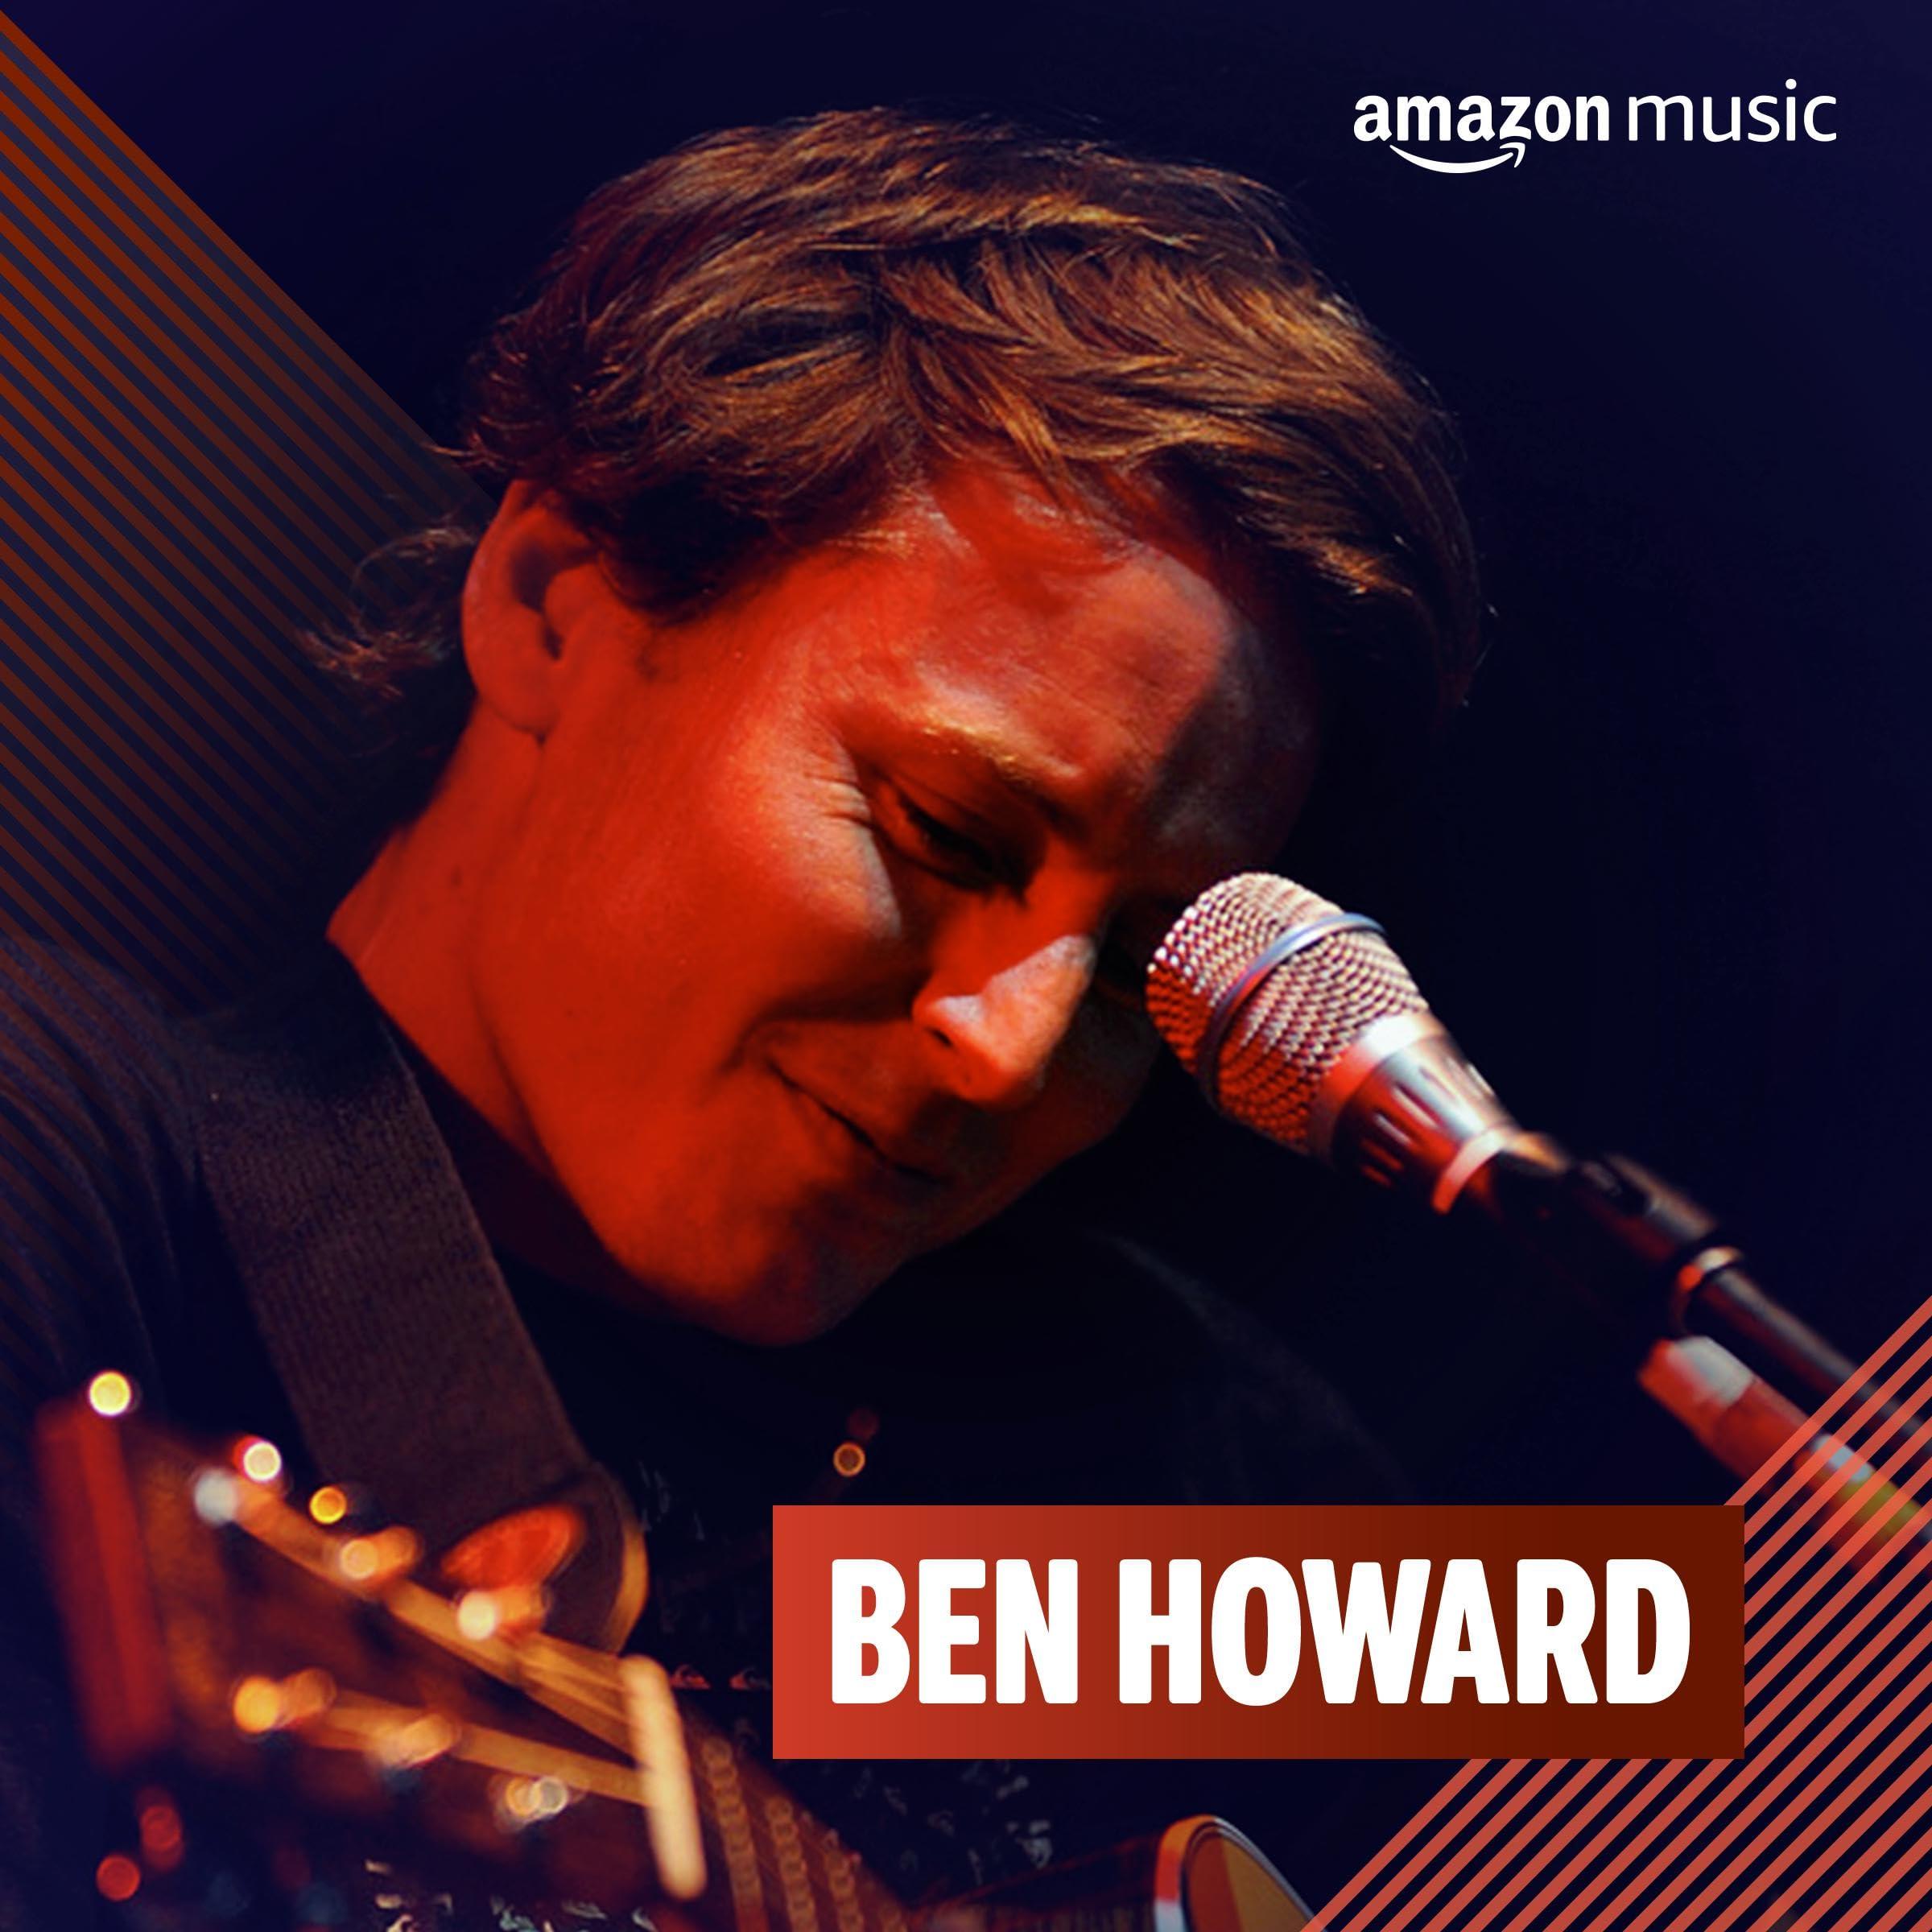 Ben Howard